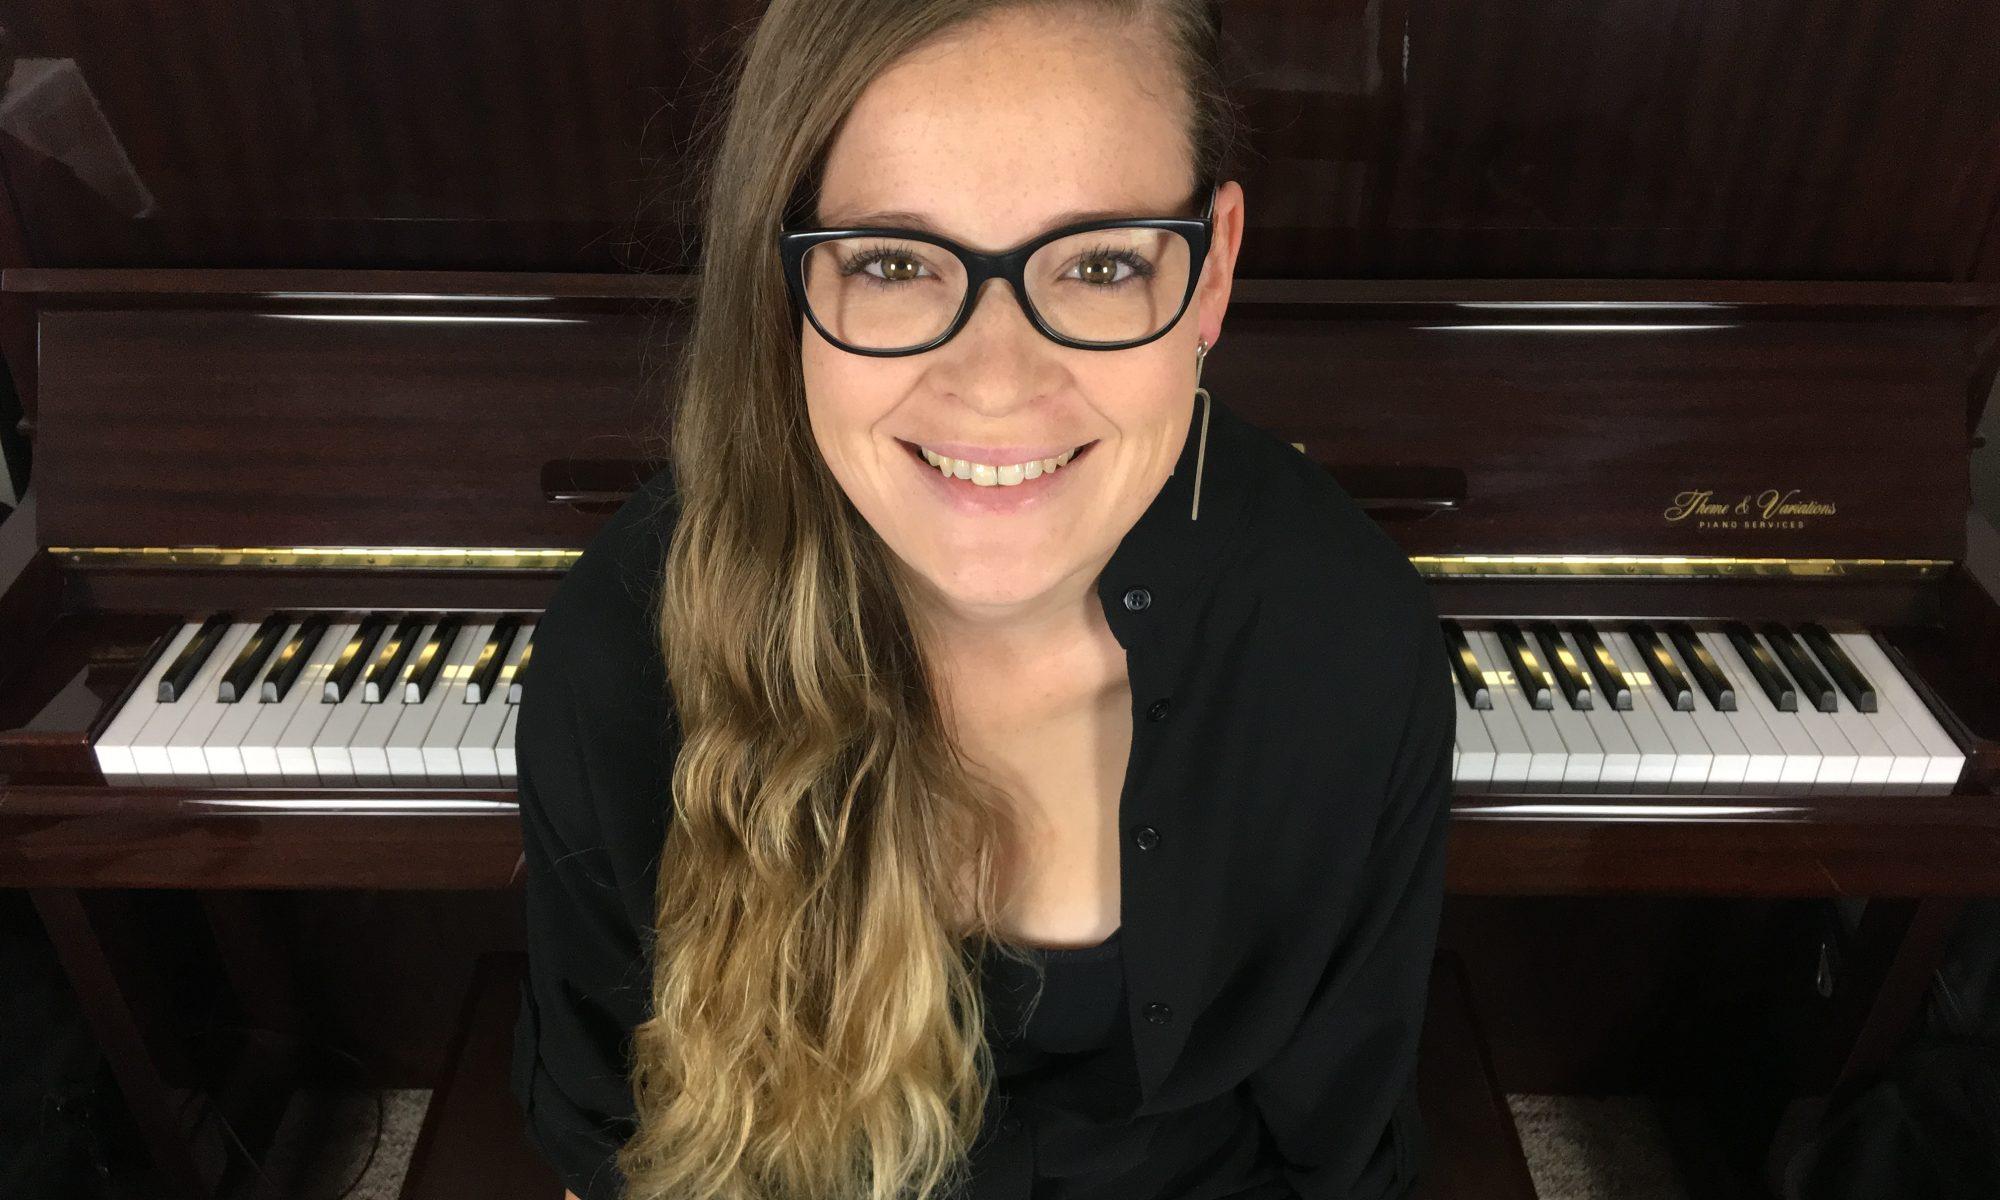 Jess Knaus